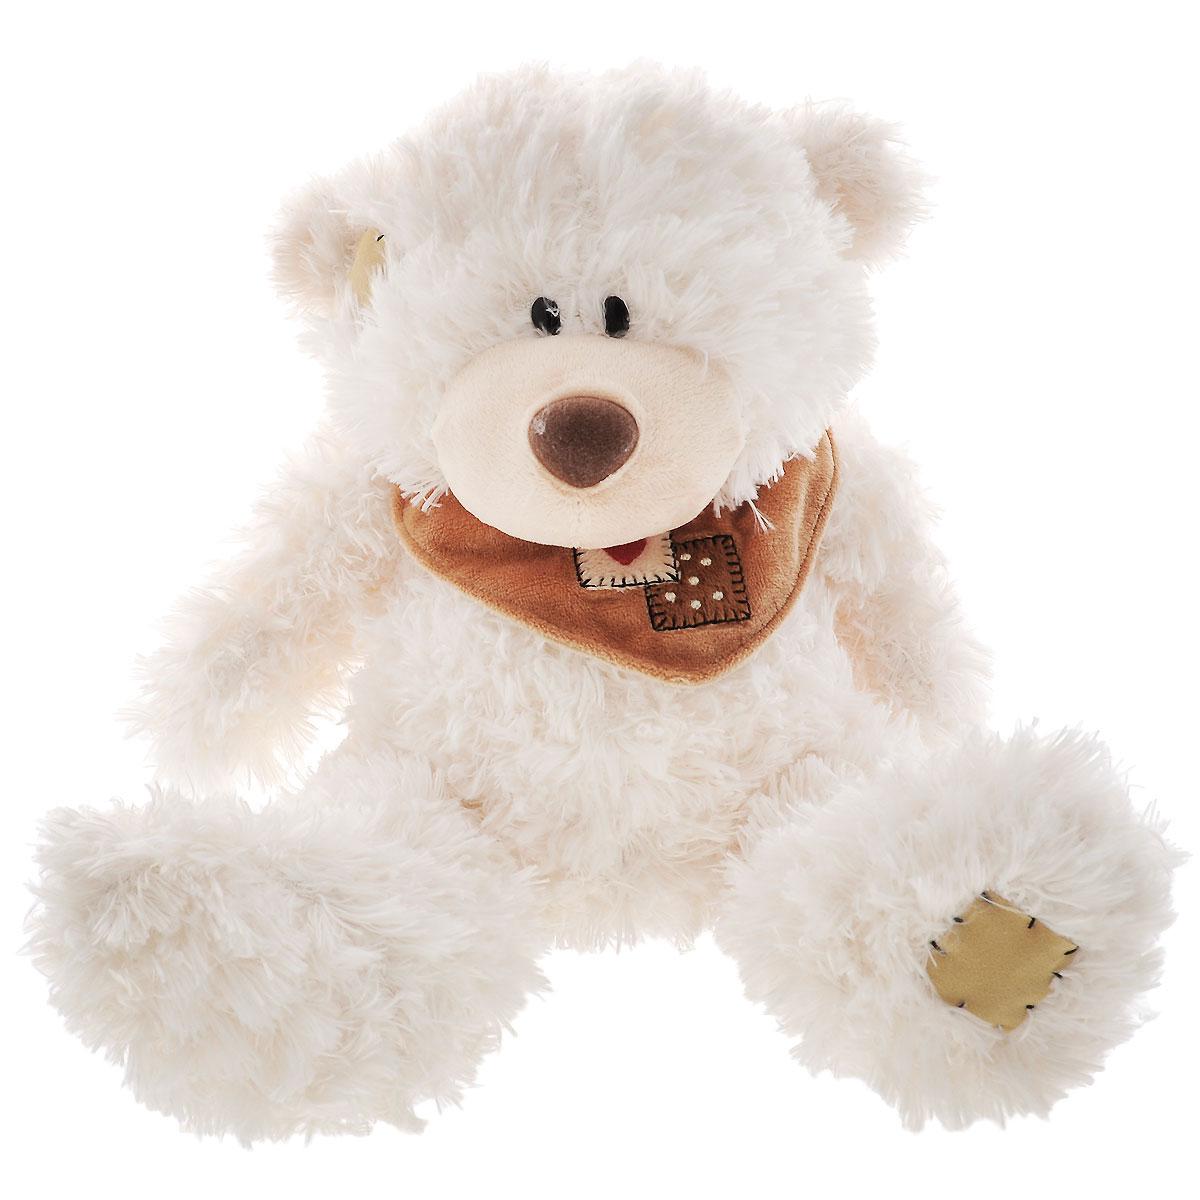 Plush Apple Мягкая игрушка Белый медведь с шарфом, 25 см мягкая игрушка plush apple собака с шарфом 28 см